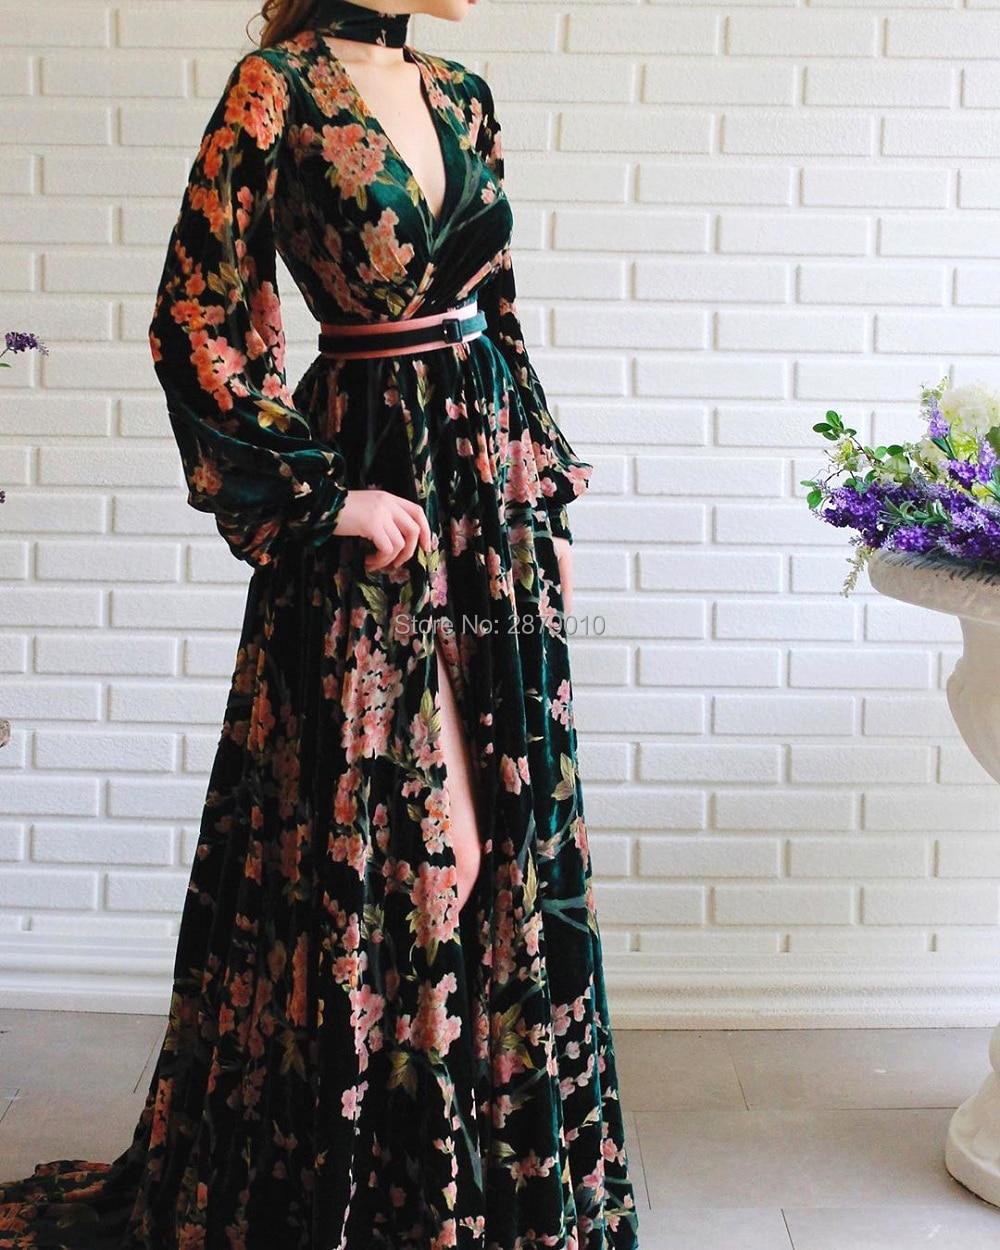 2020 New Arrival Evening Dress A-Line Long Sleeves Floor-Length Formal Dress Sash Prom Dress Velvet Flower Robe De Soiree Arabic